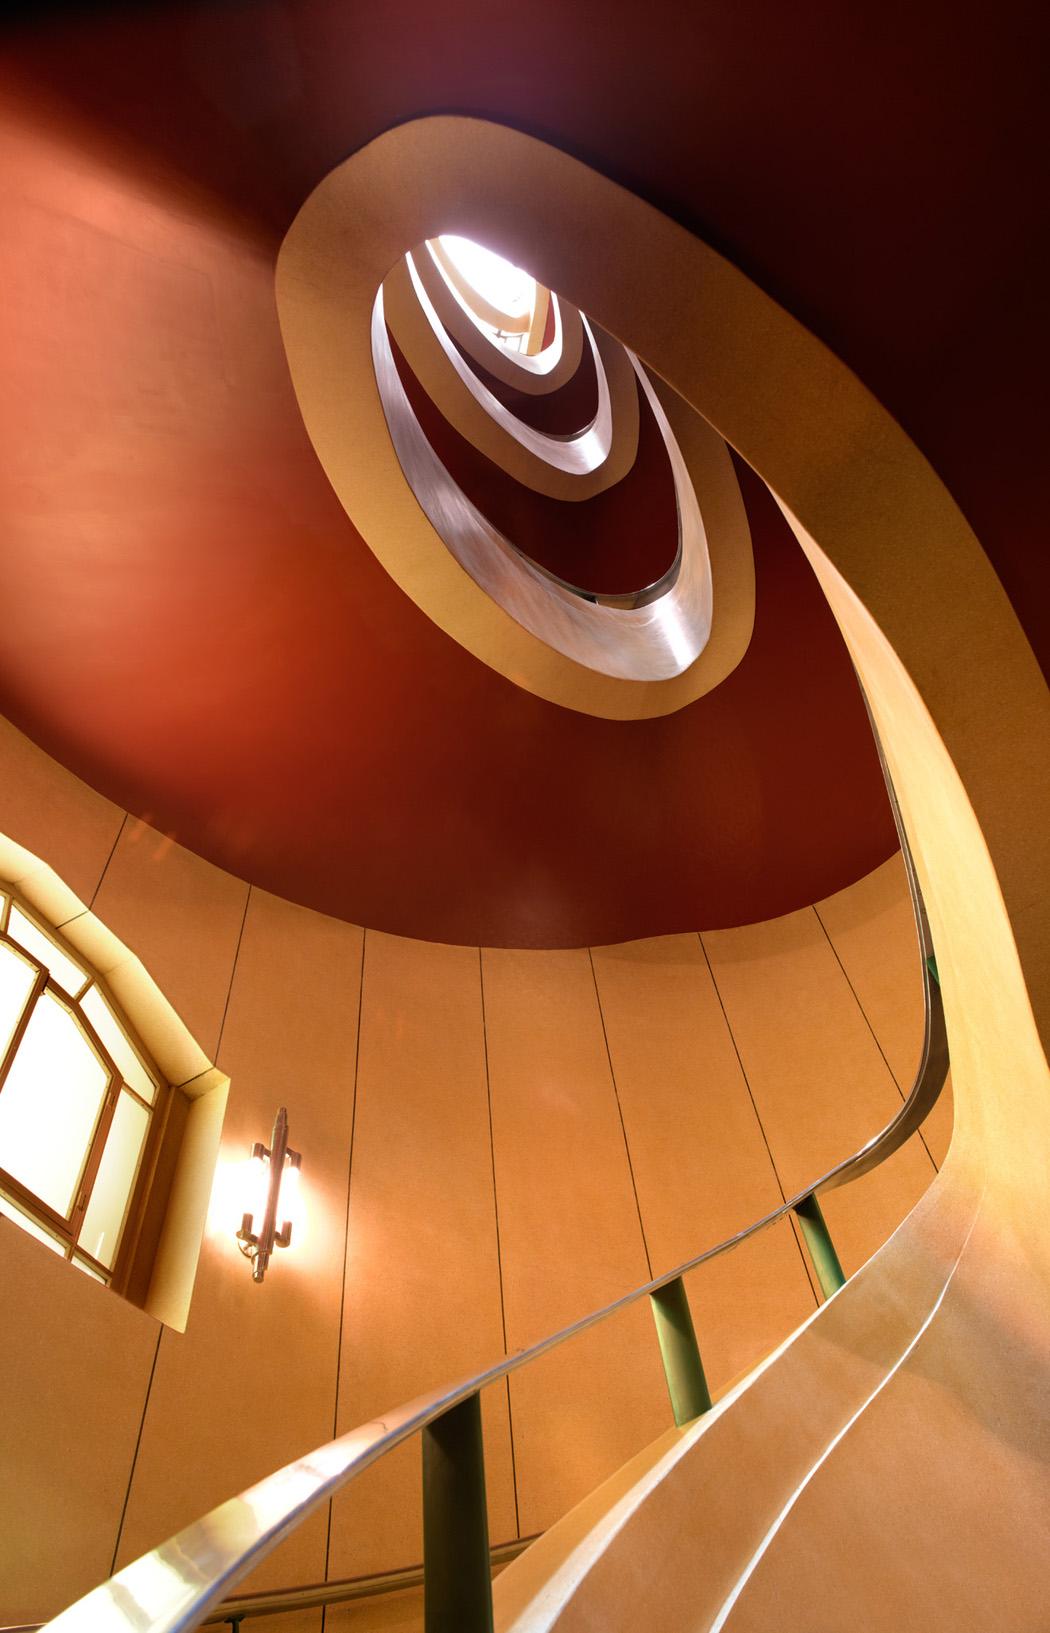 Daily_Express_Building_FleetStreet_ArtDeco_Staircase_CopyrightPeterDazeley_credit photographer Peter Dazeley